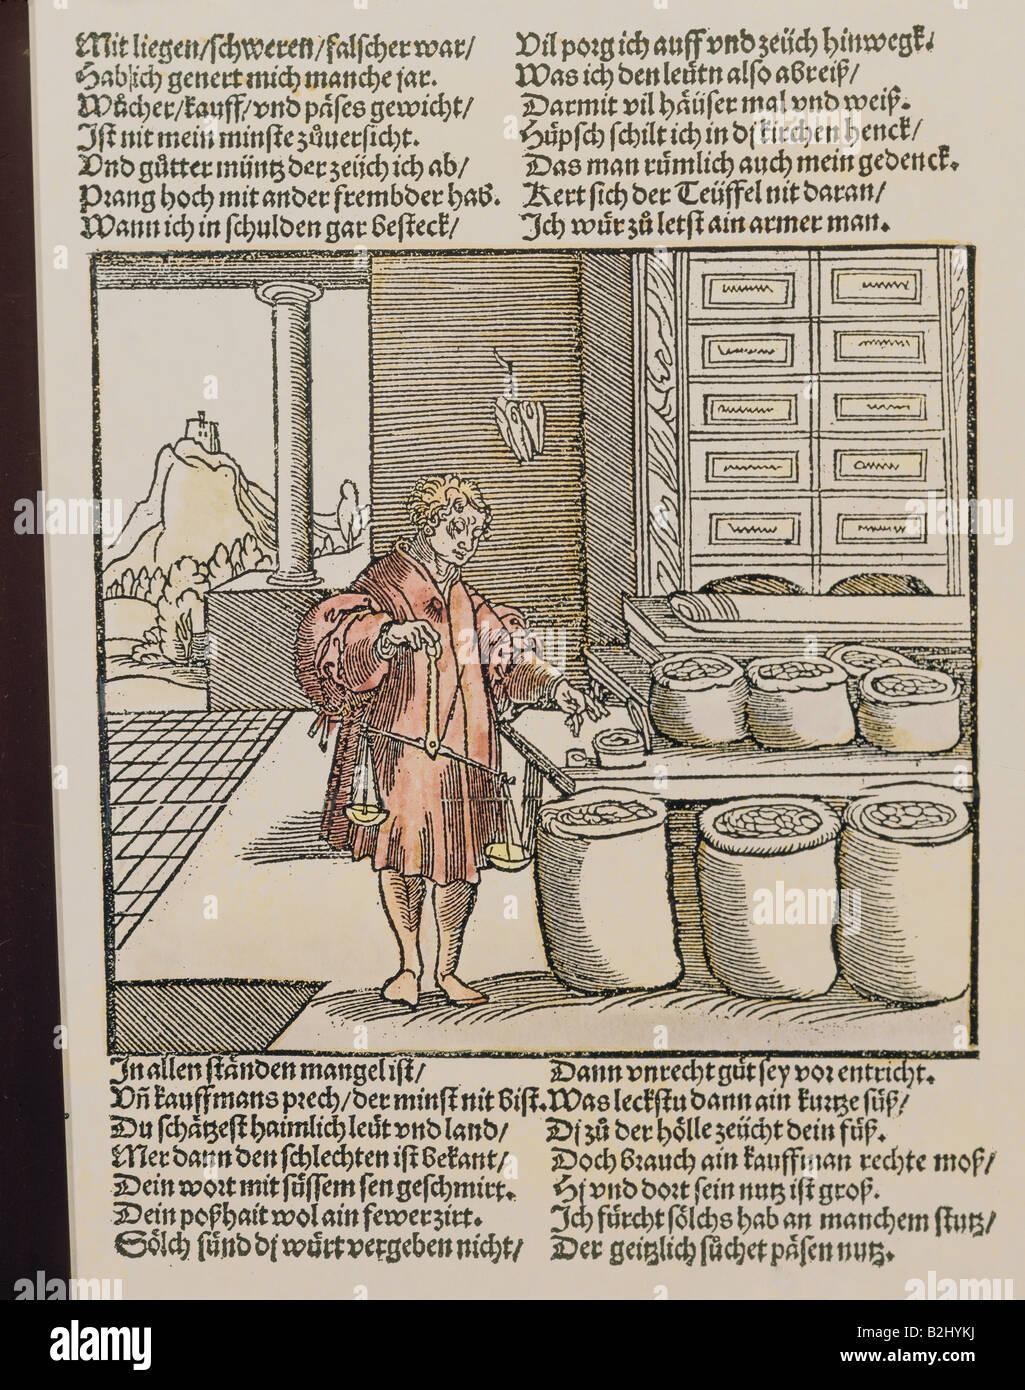 trade, merchants, 'Der betruegerische Kaufmann' (The deceitful merchant) from 'Der Teutsch Cicero' - Stock Image